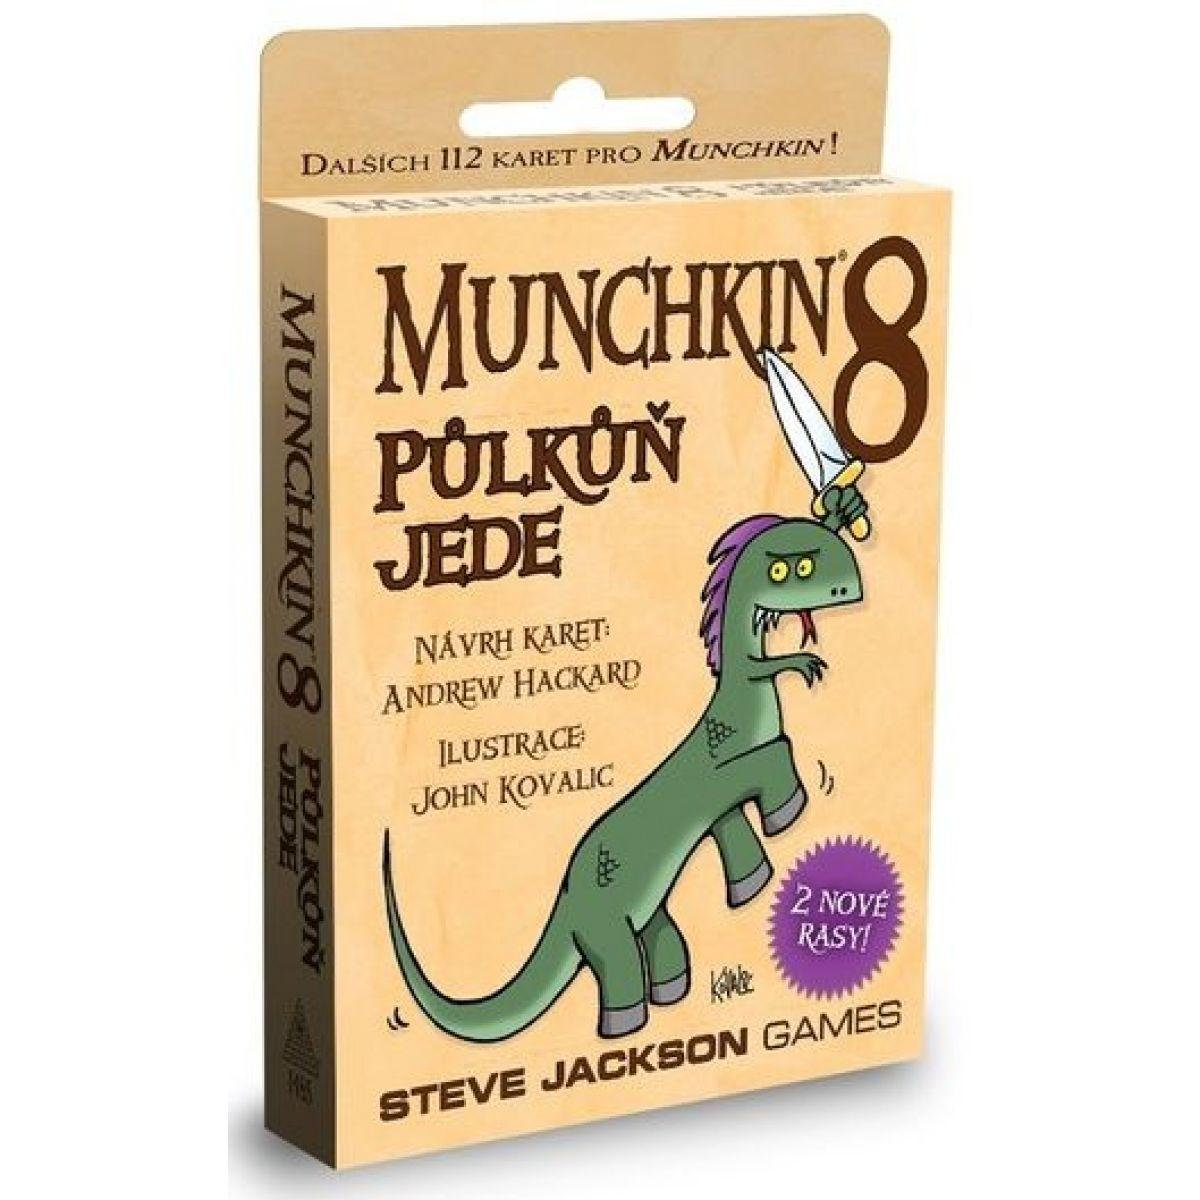 Steve Jackson Games Munchkin 8: Půlkůň jede